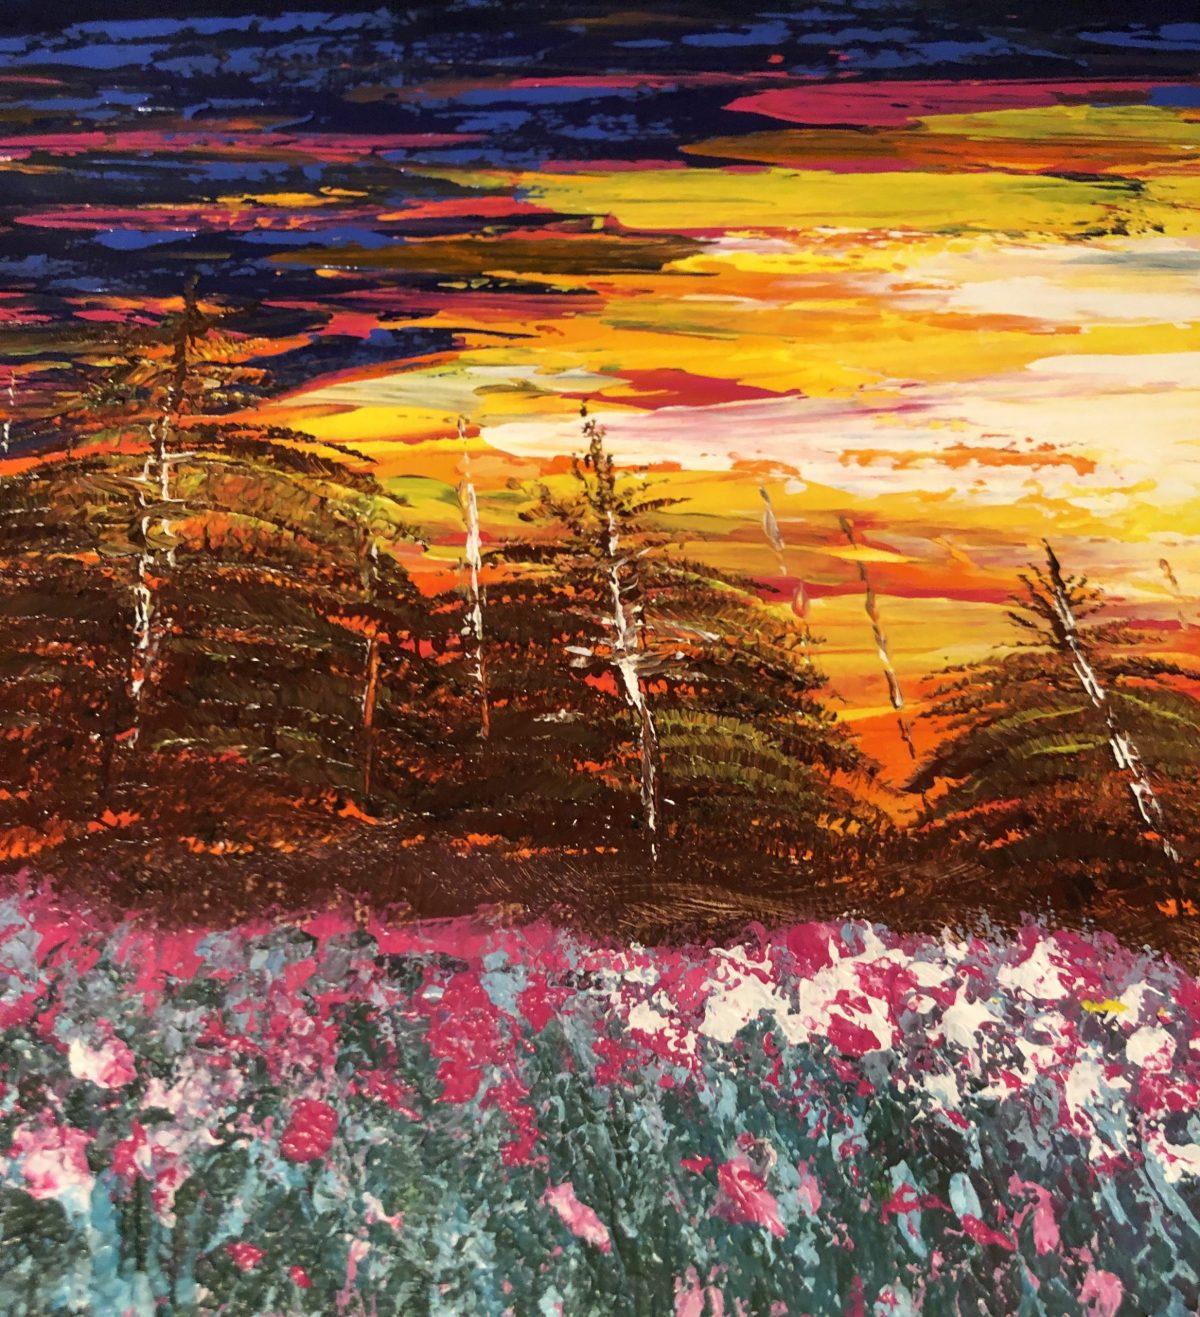 Coucher de soleil sur le champ fleuri, côté gauche du tableau